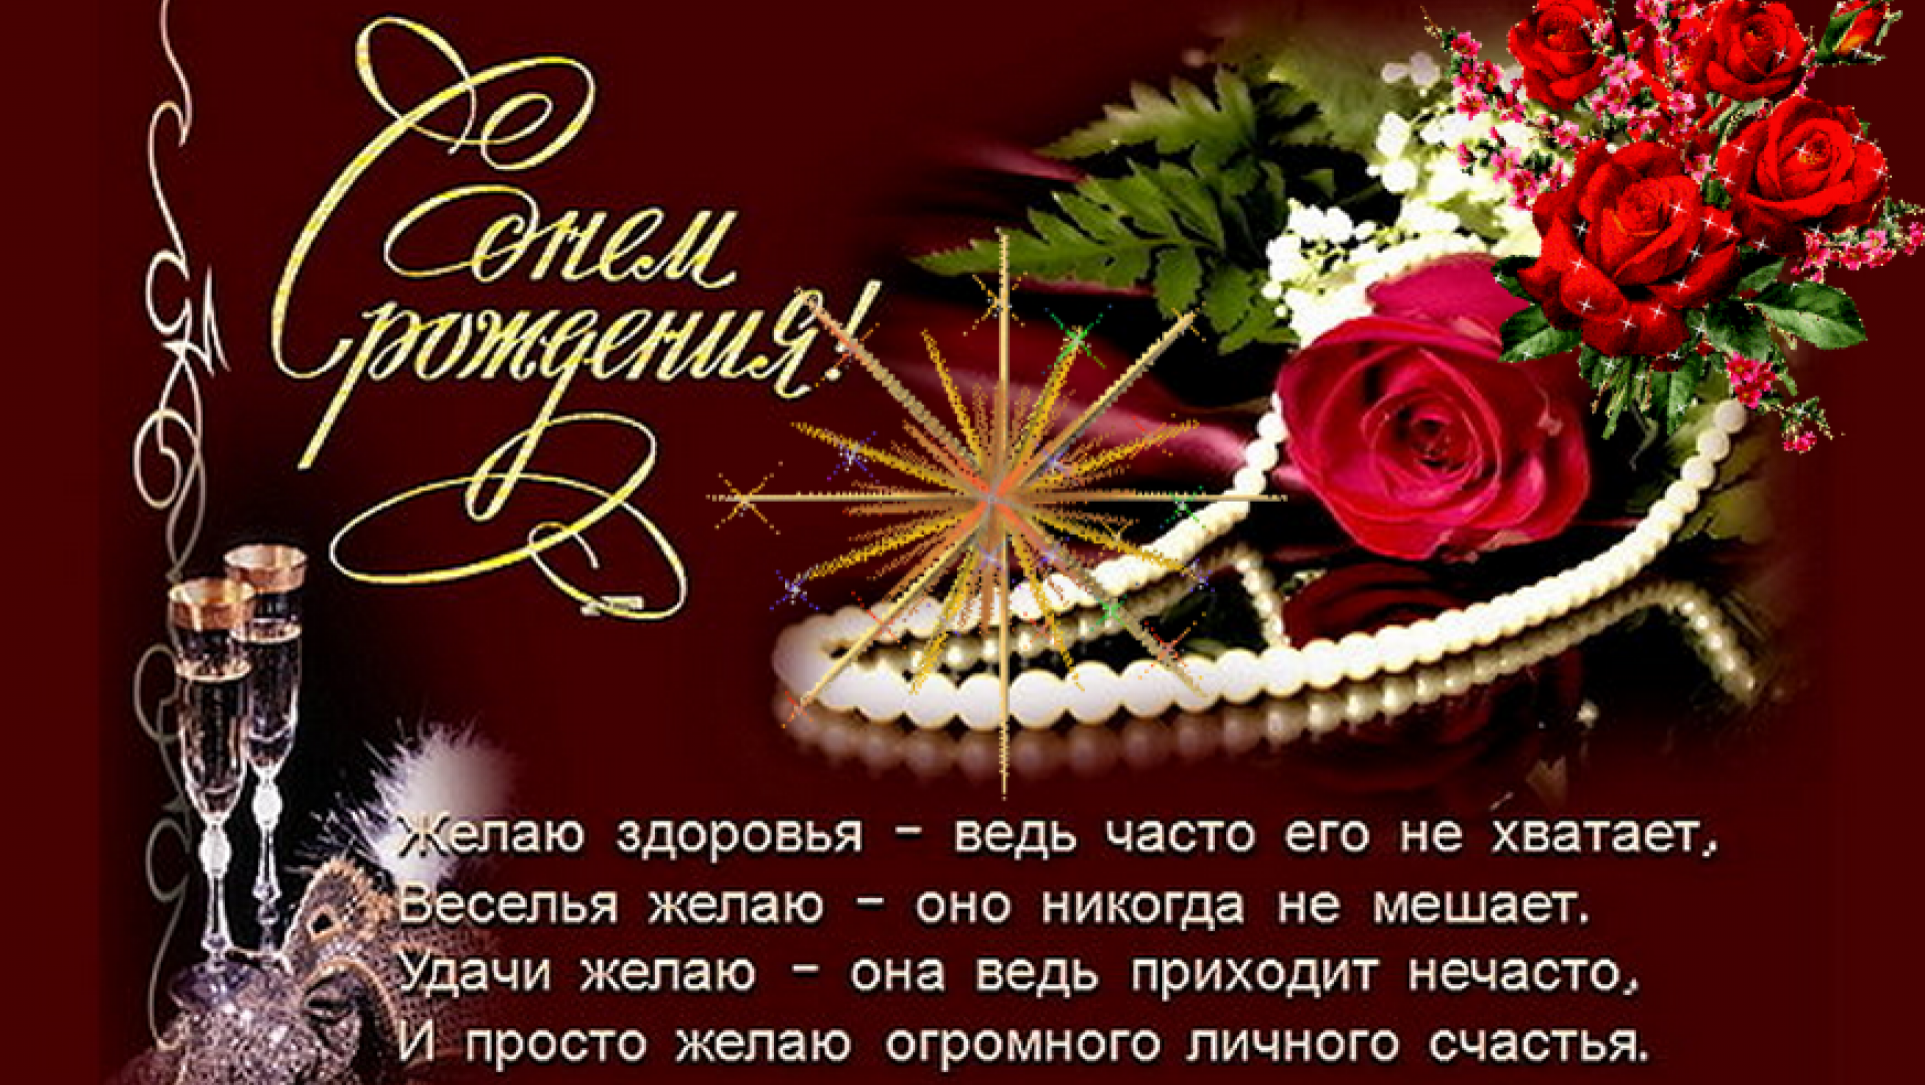 С днем рождения поздравления плейкаст женщине